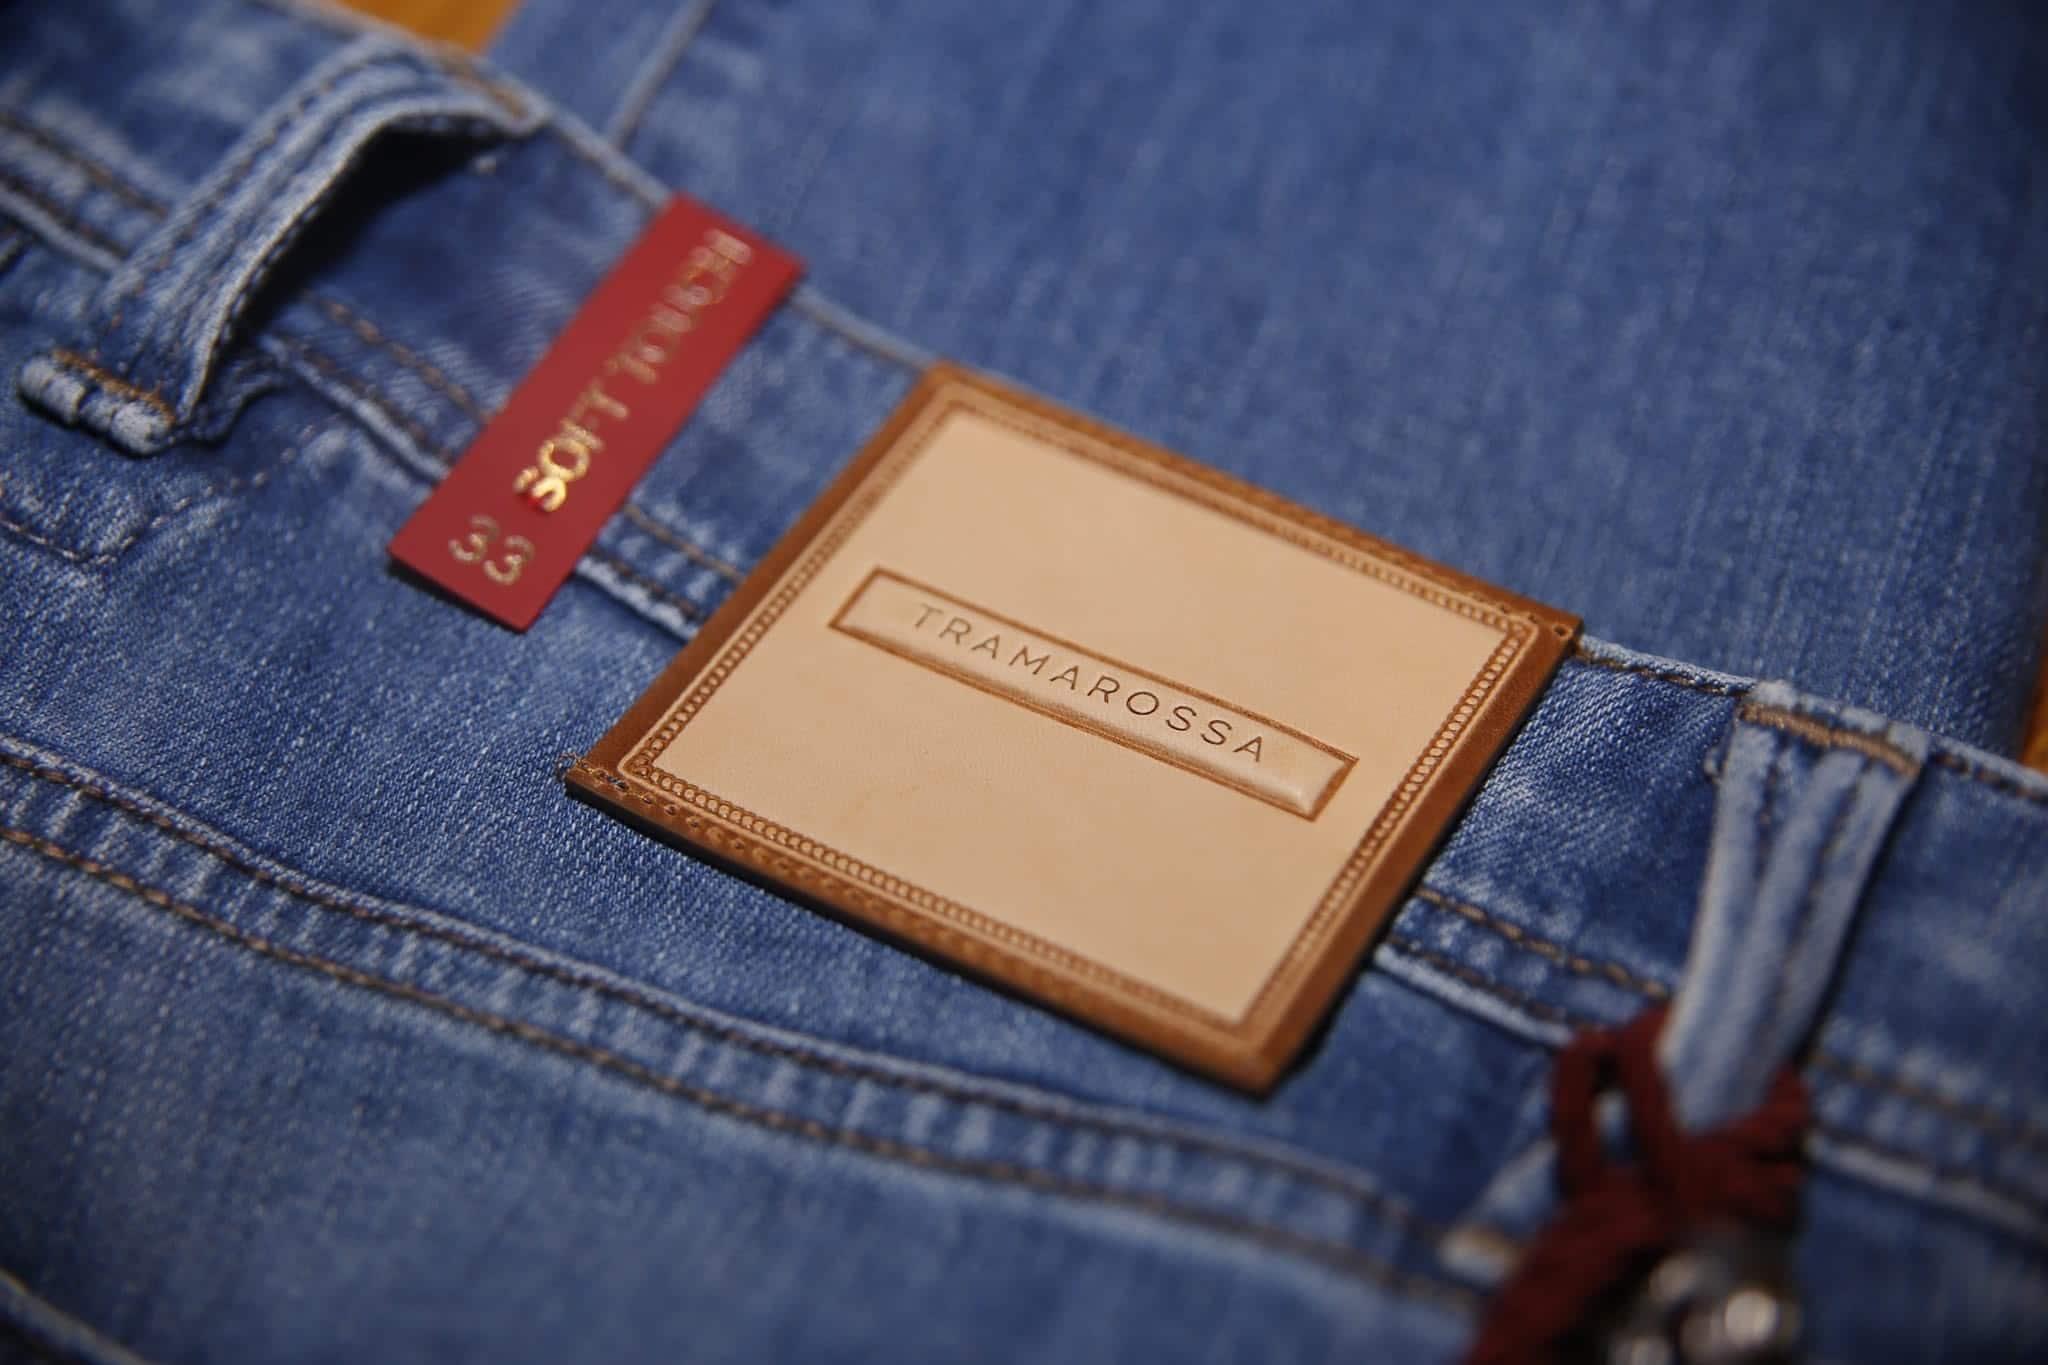 Nowy model jeansów od Tramarossa.